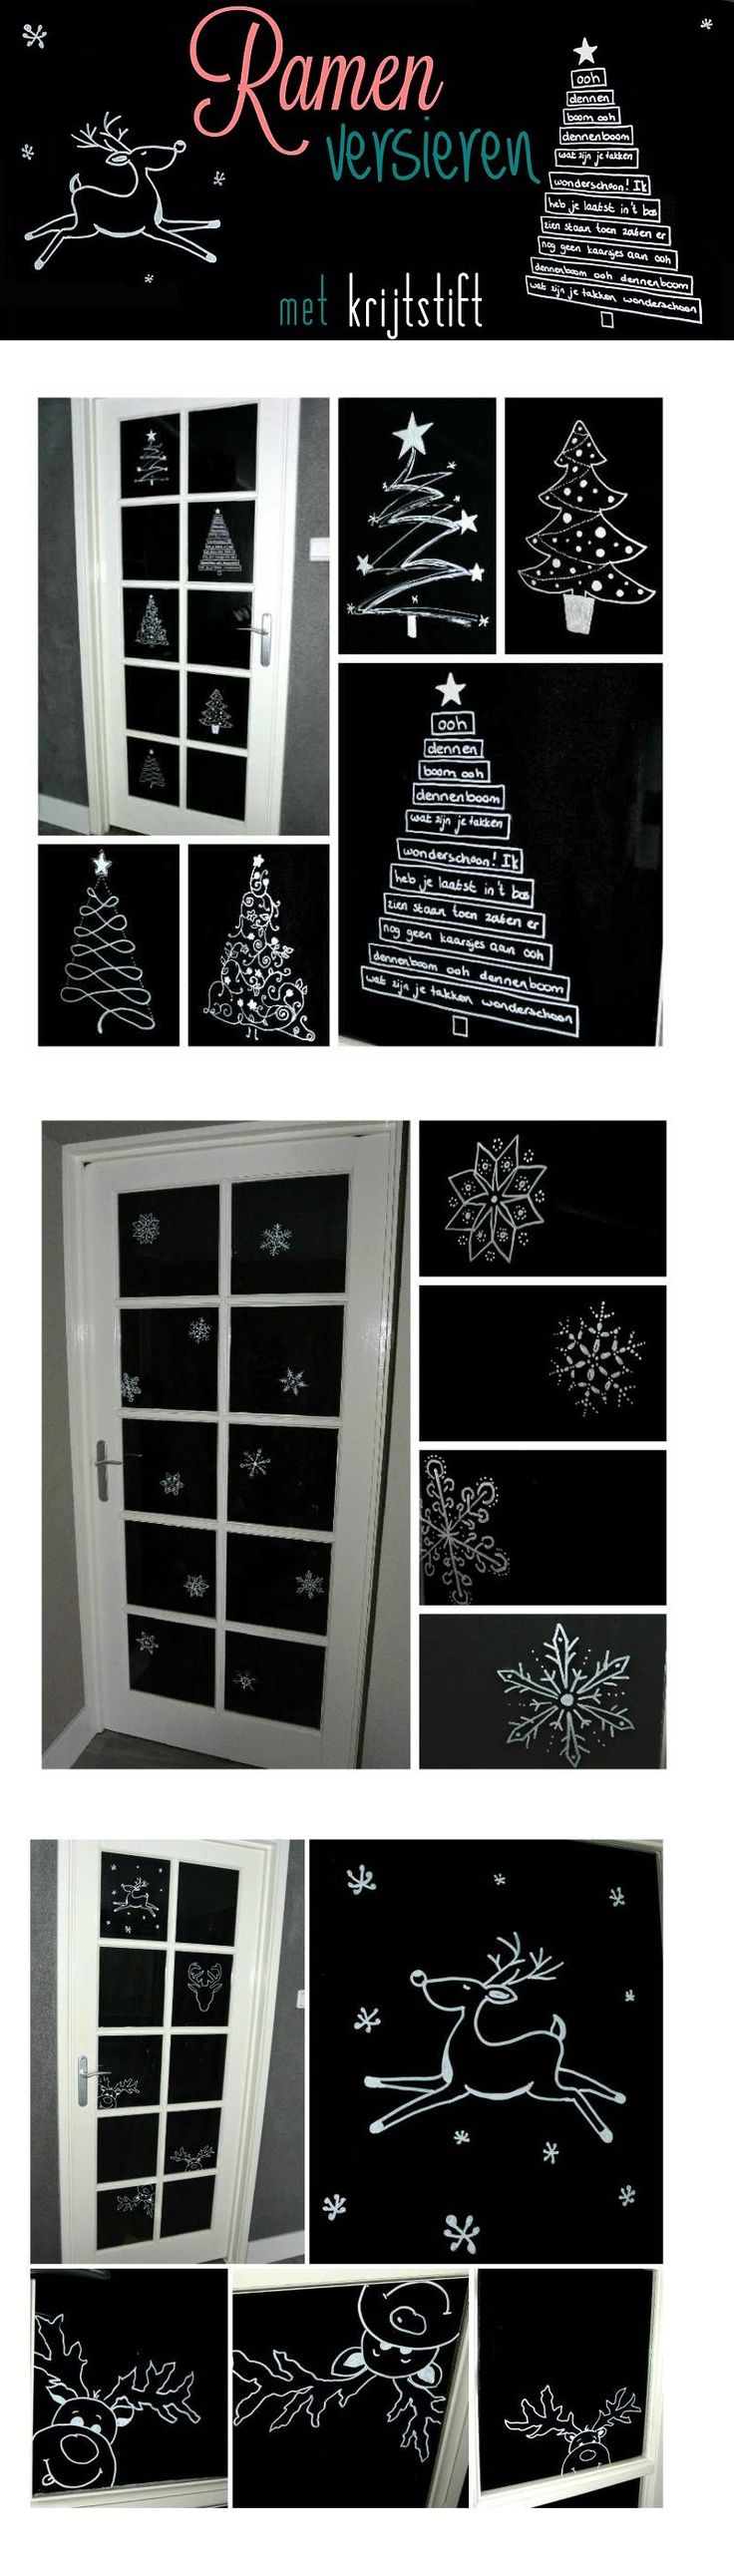 Deuren versieren met krijtstift: kerstdeuren! http://simplethoughts.nl/ramen-versieren-met-krijtstift/